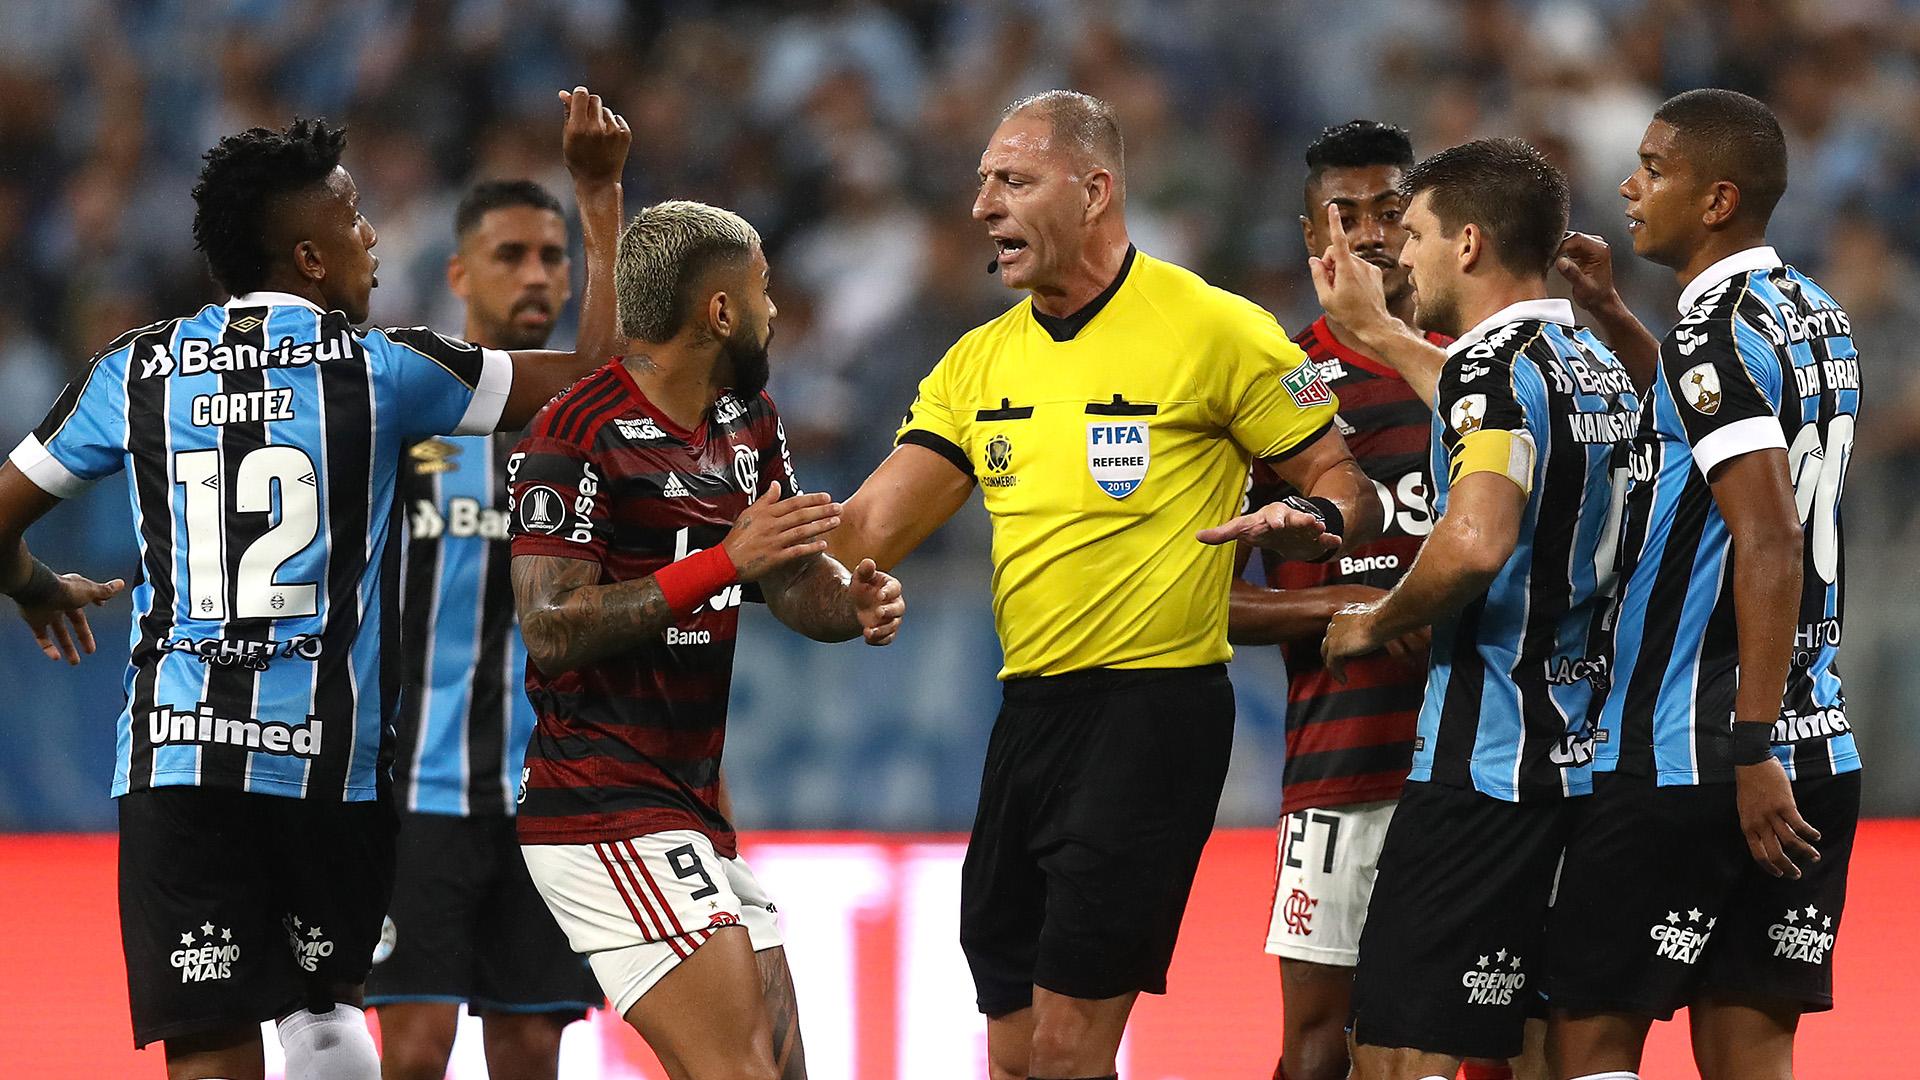 Var Amigo Ou Inimigo Veja Os Memes De Grêmio X Flamengo